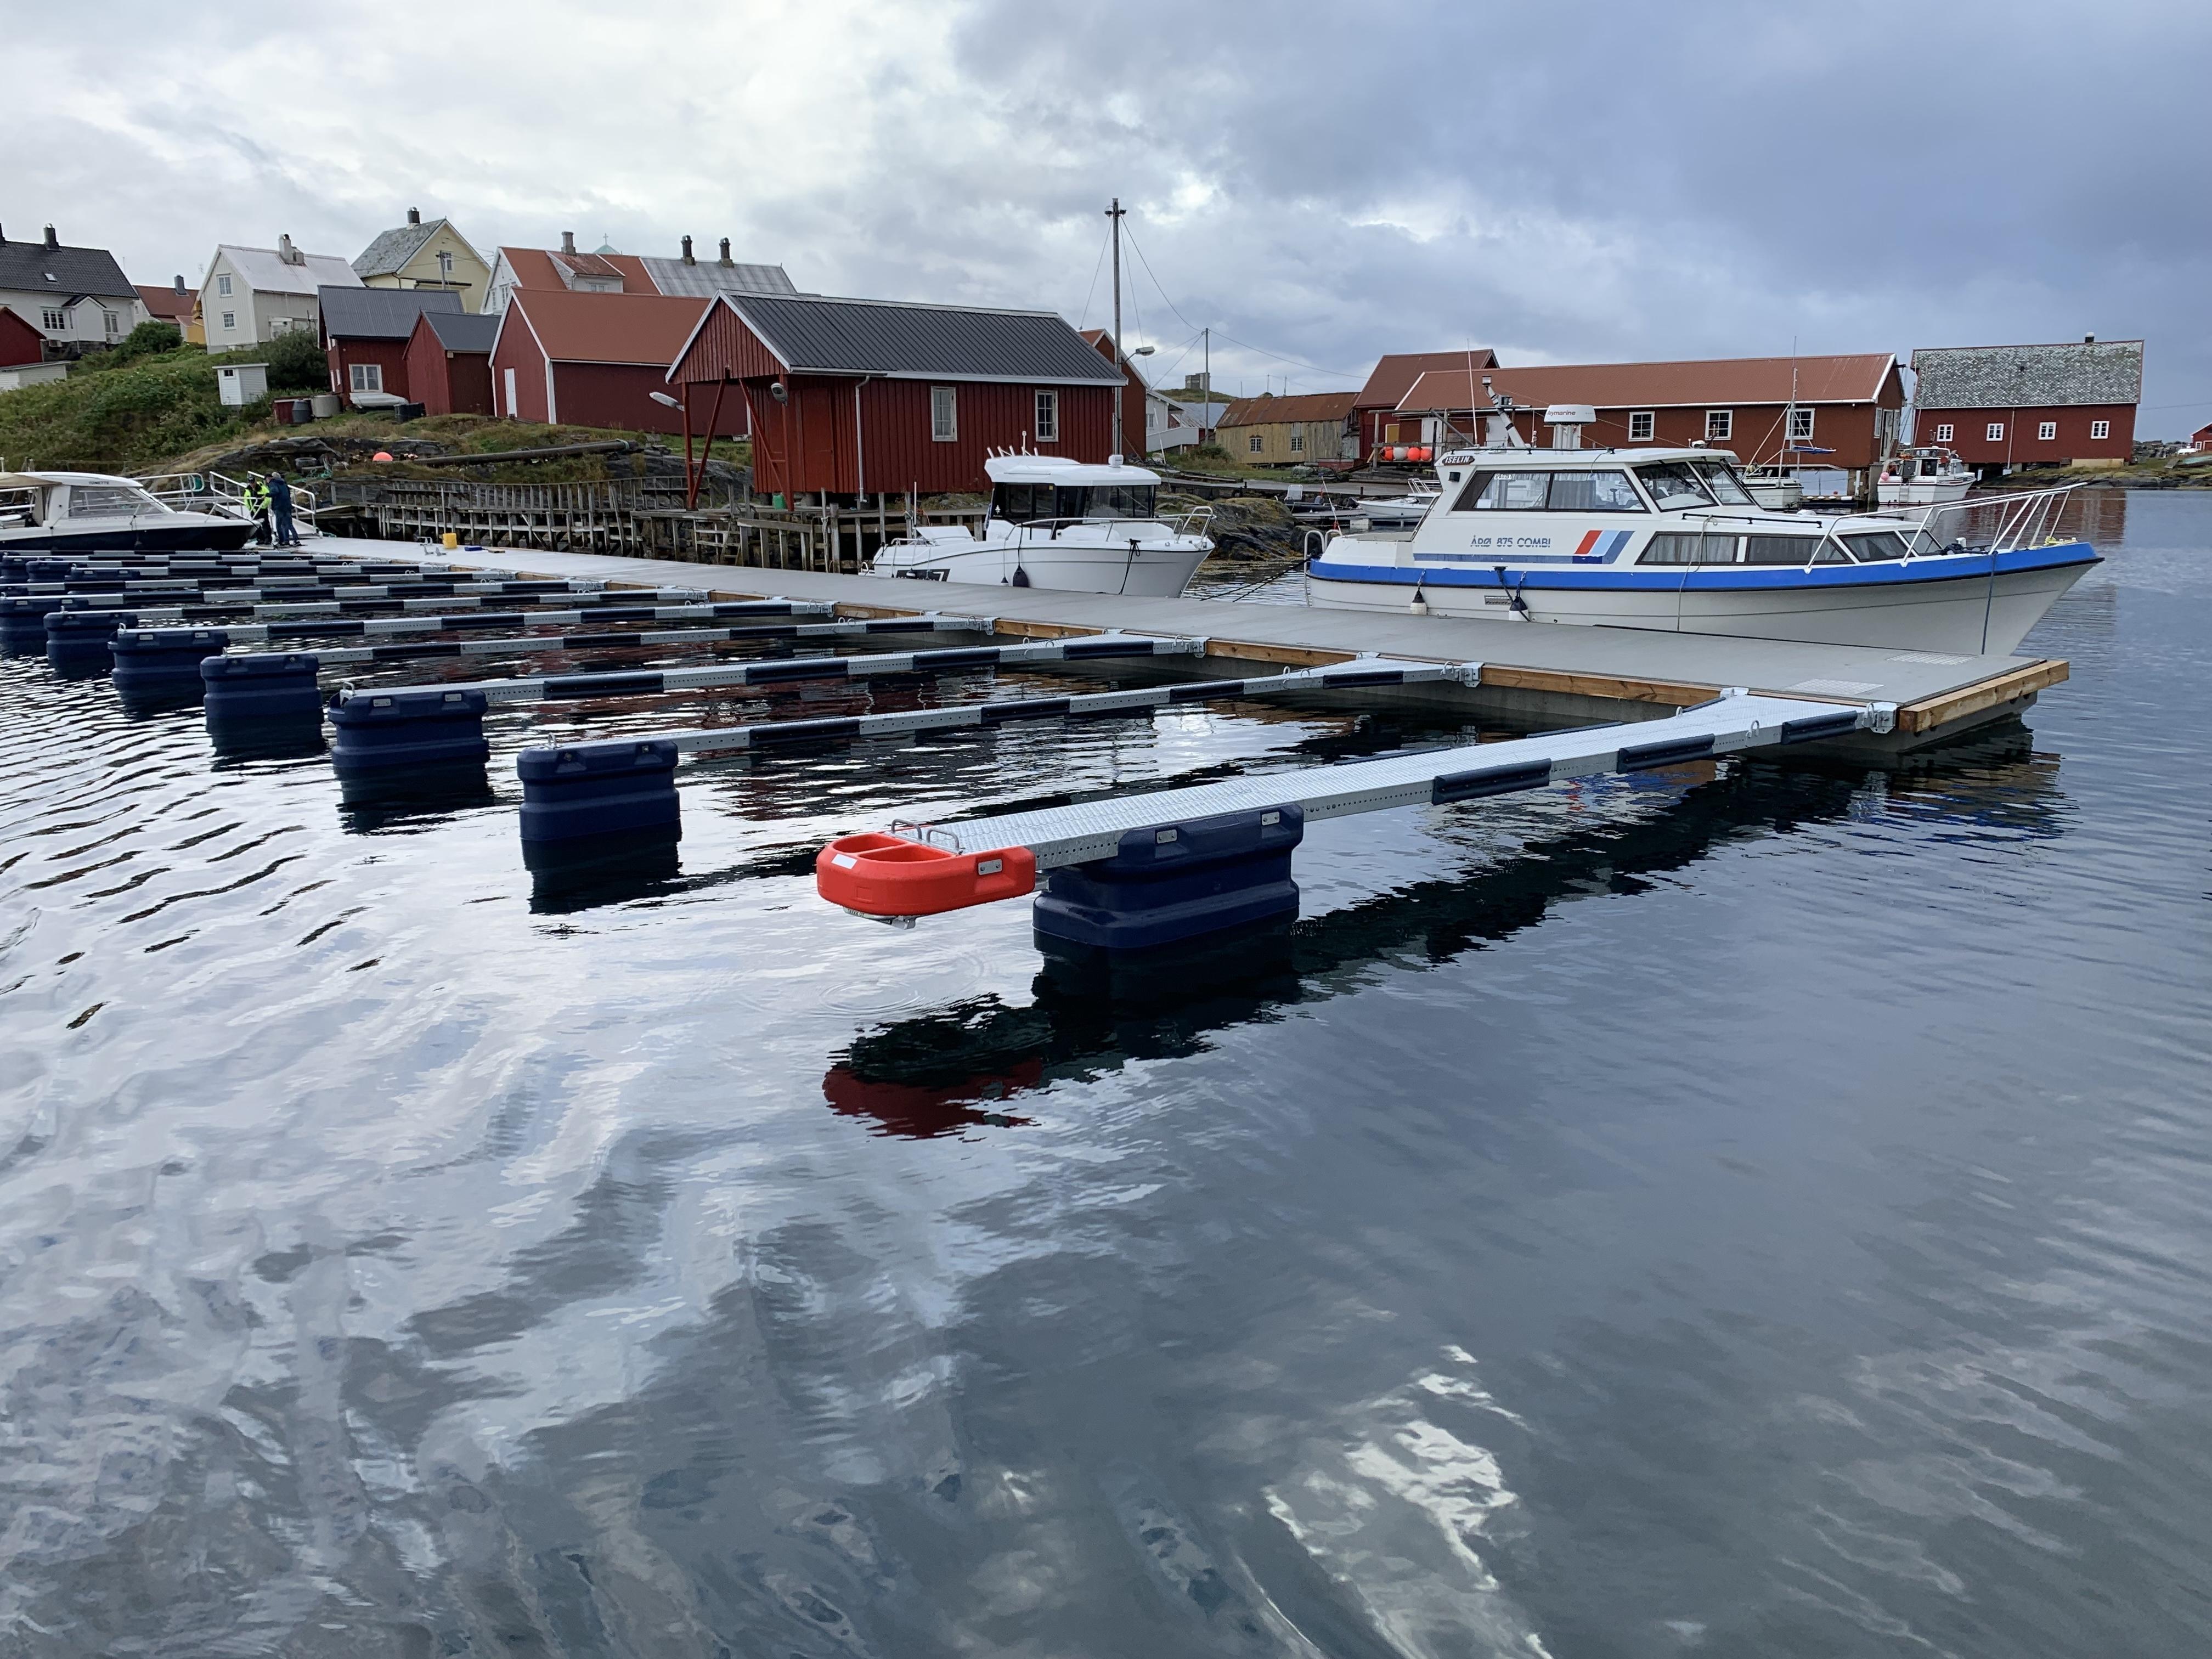 https://marinasolutions.no/uploads/Hamnaberget-småbåtforening-nordre-bjørnsund-marina-solutions-betongbrygger-sklisikre-utriggere-8.jpg